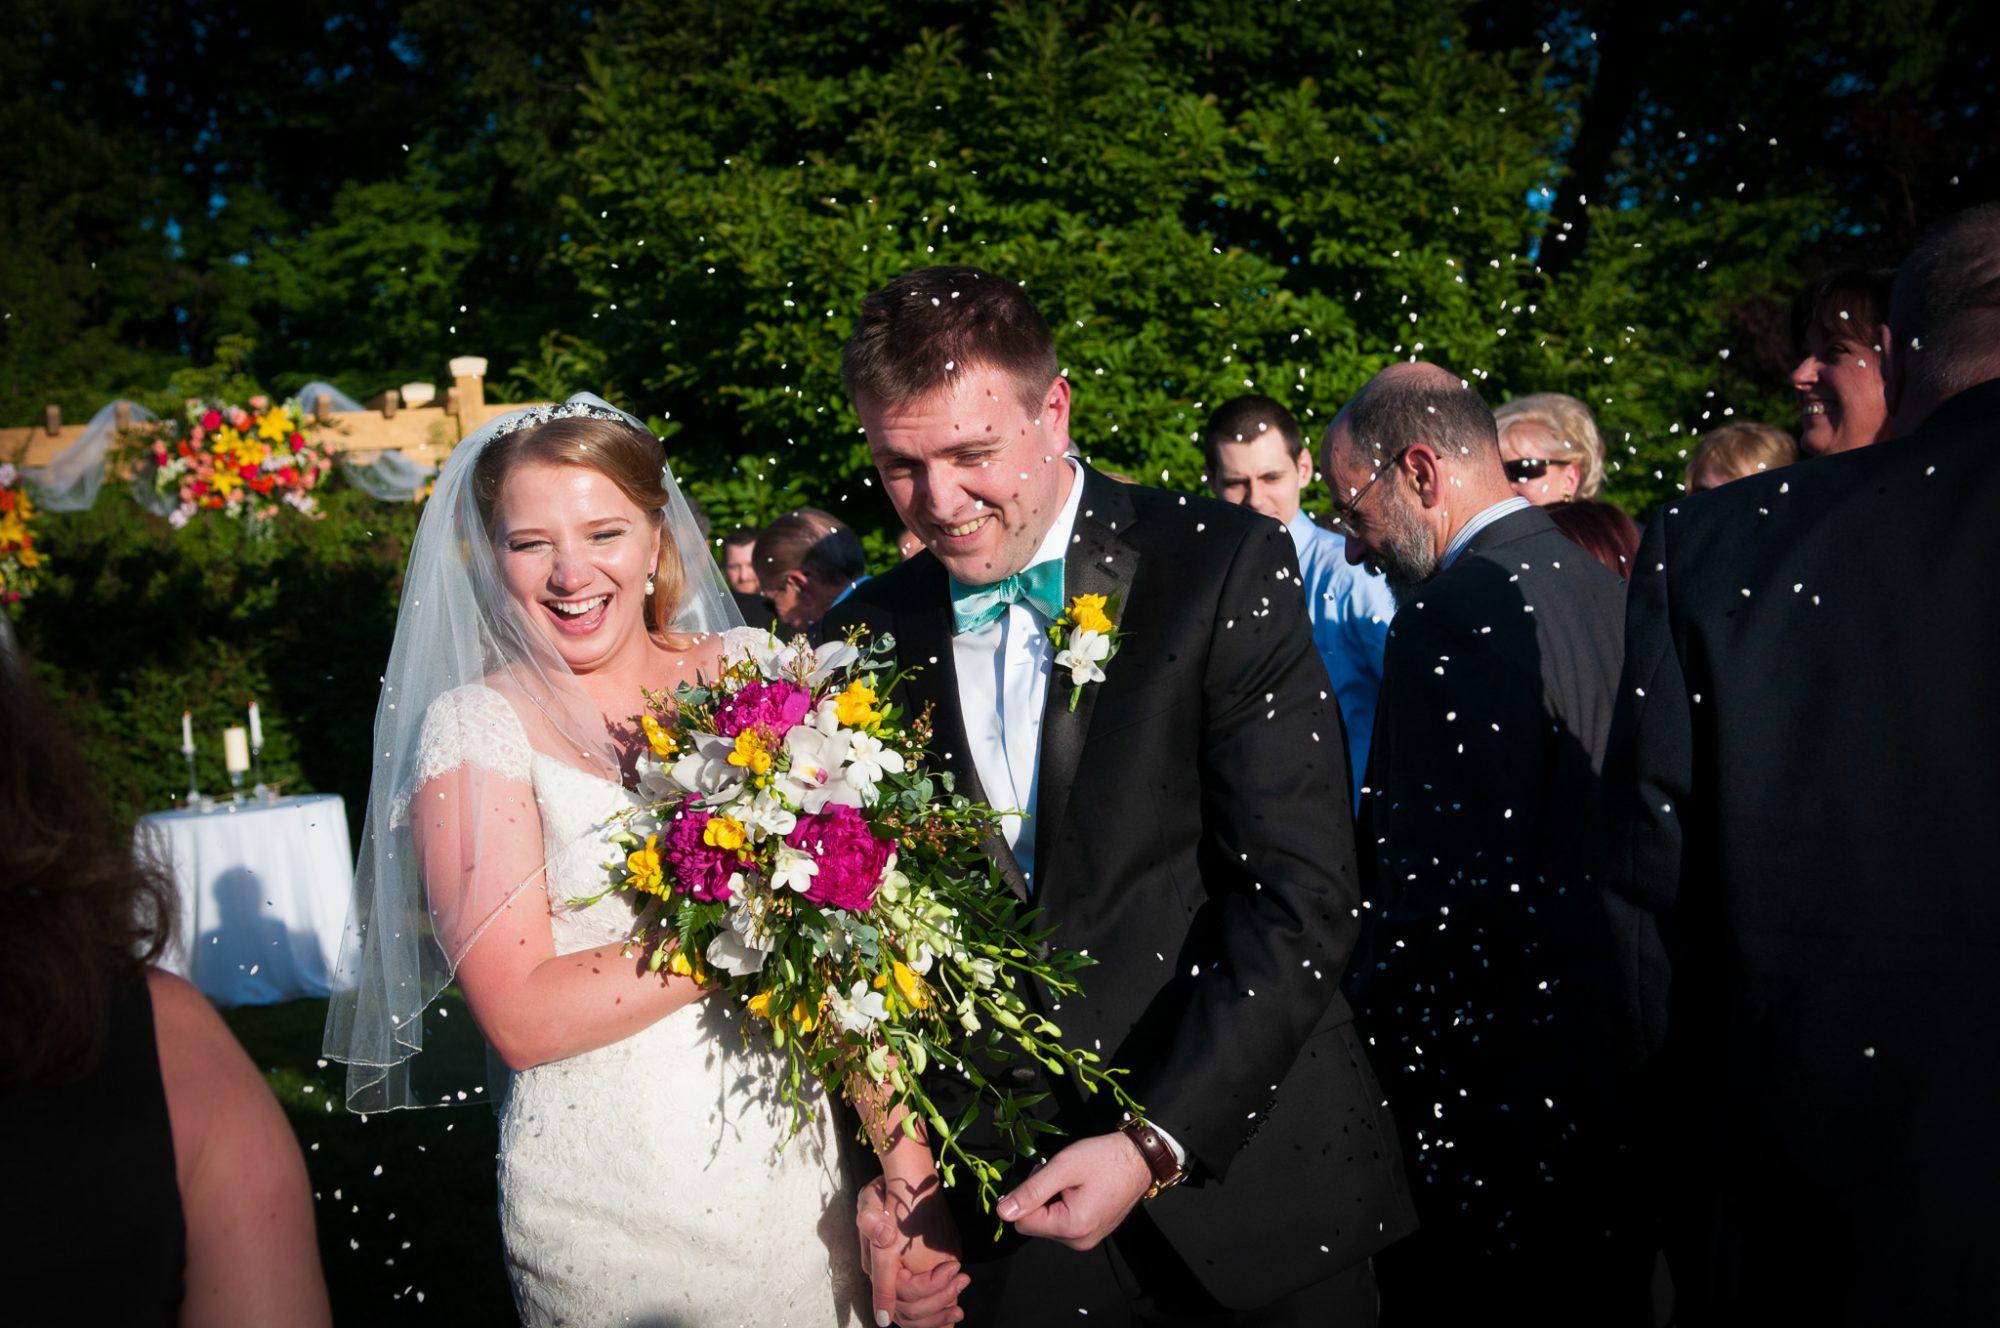 rice throwing bride groom morton arboretum